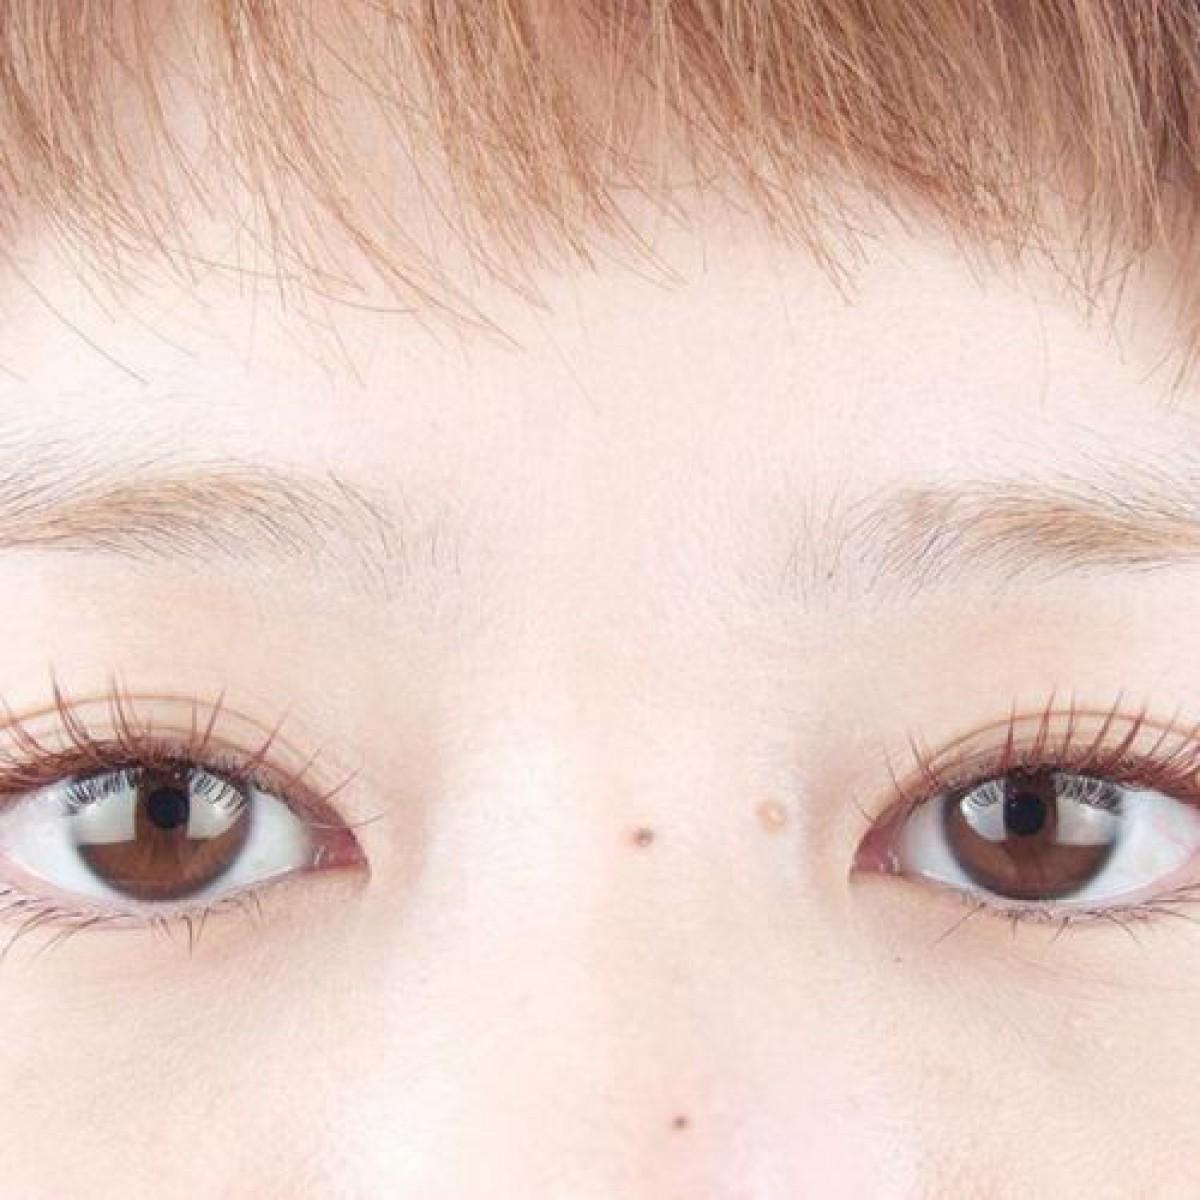 生えてこない・左右対称に描けないetc。眉メイク&整え方に関するあるあるな悩み